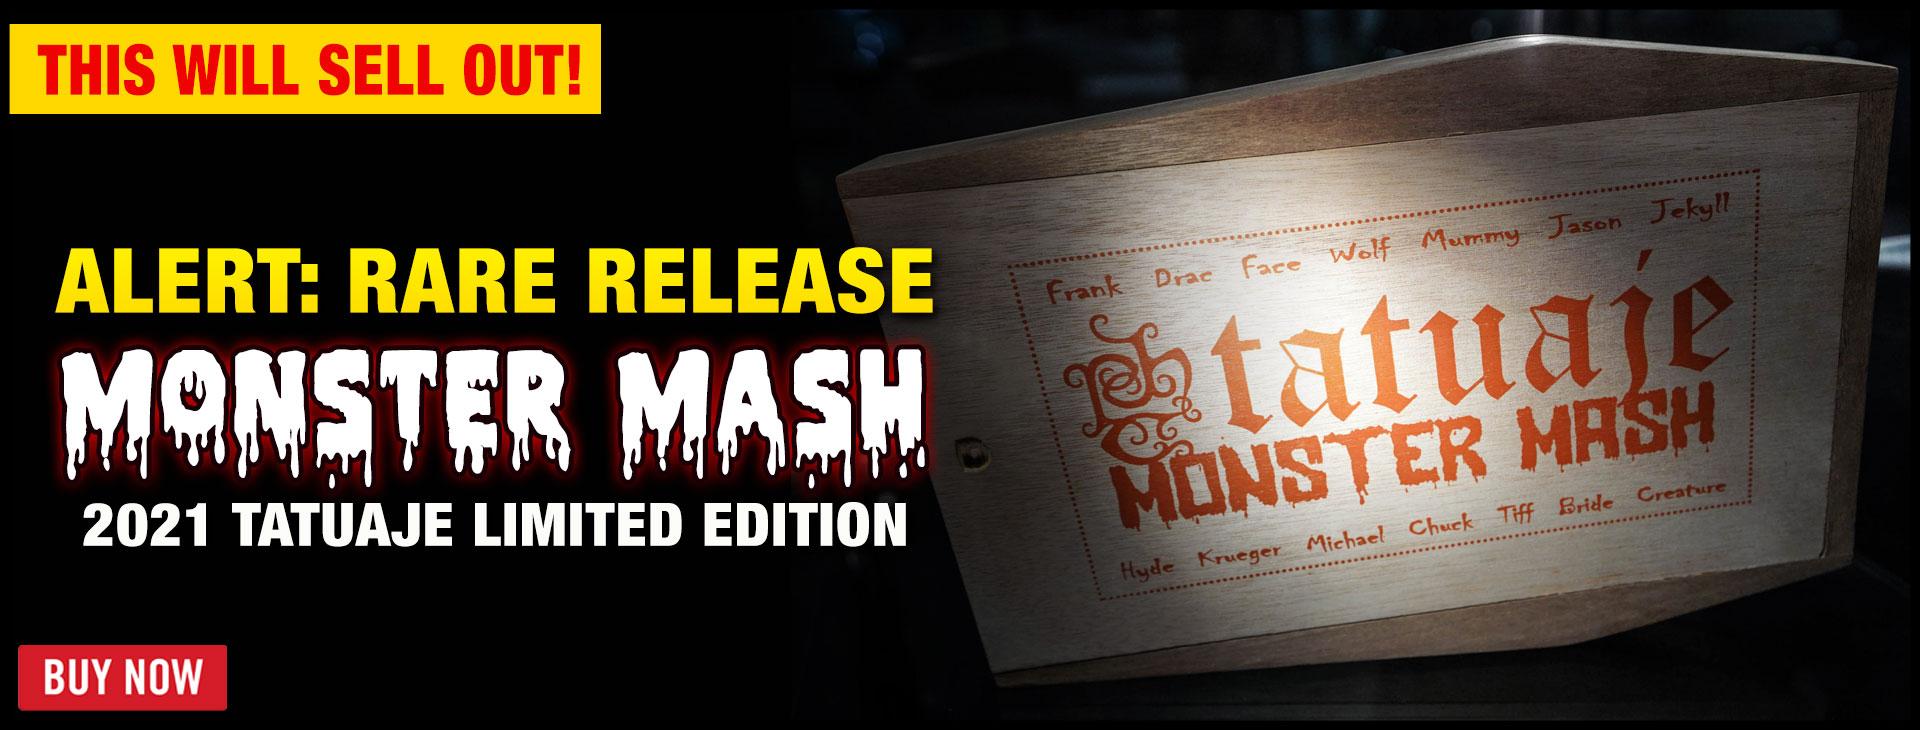 tatuaje-monster-mash-2021-banner.jpg